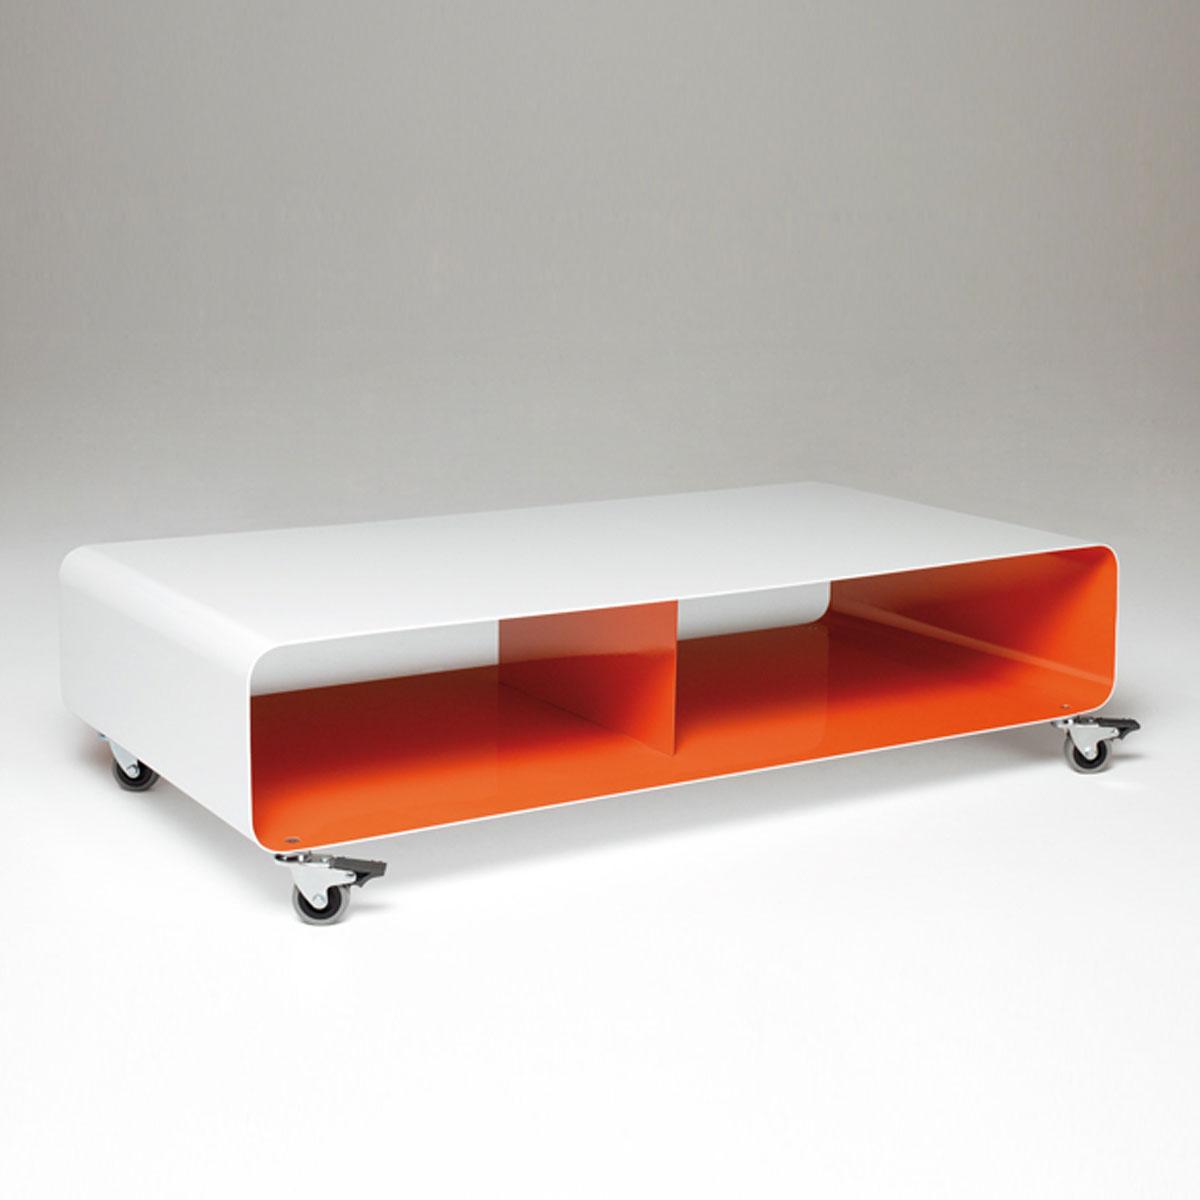 Hifi TV Lowboard aus Stahl. Rollbar, sehr stabil. 2 x Ablagefach. 2000 Farben (NCS). Modell R200N Mobileline von Müller. 100 x 25 x 50 cm (BxHxT).